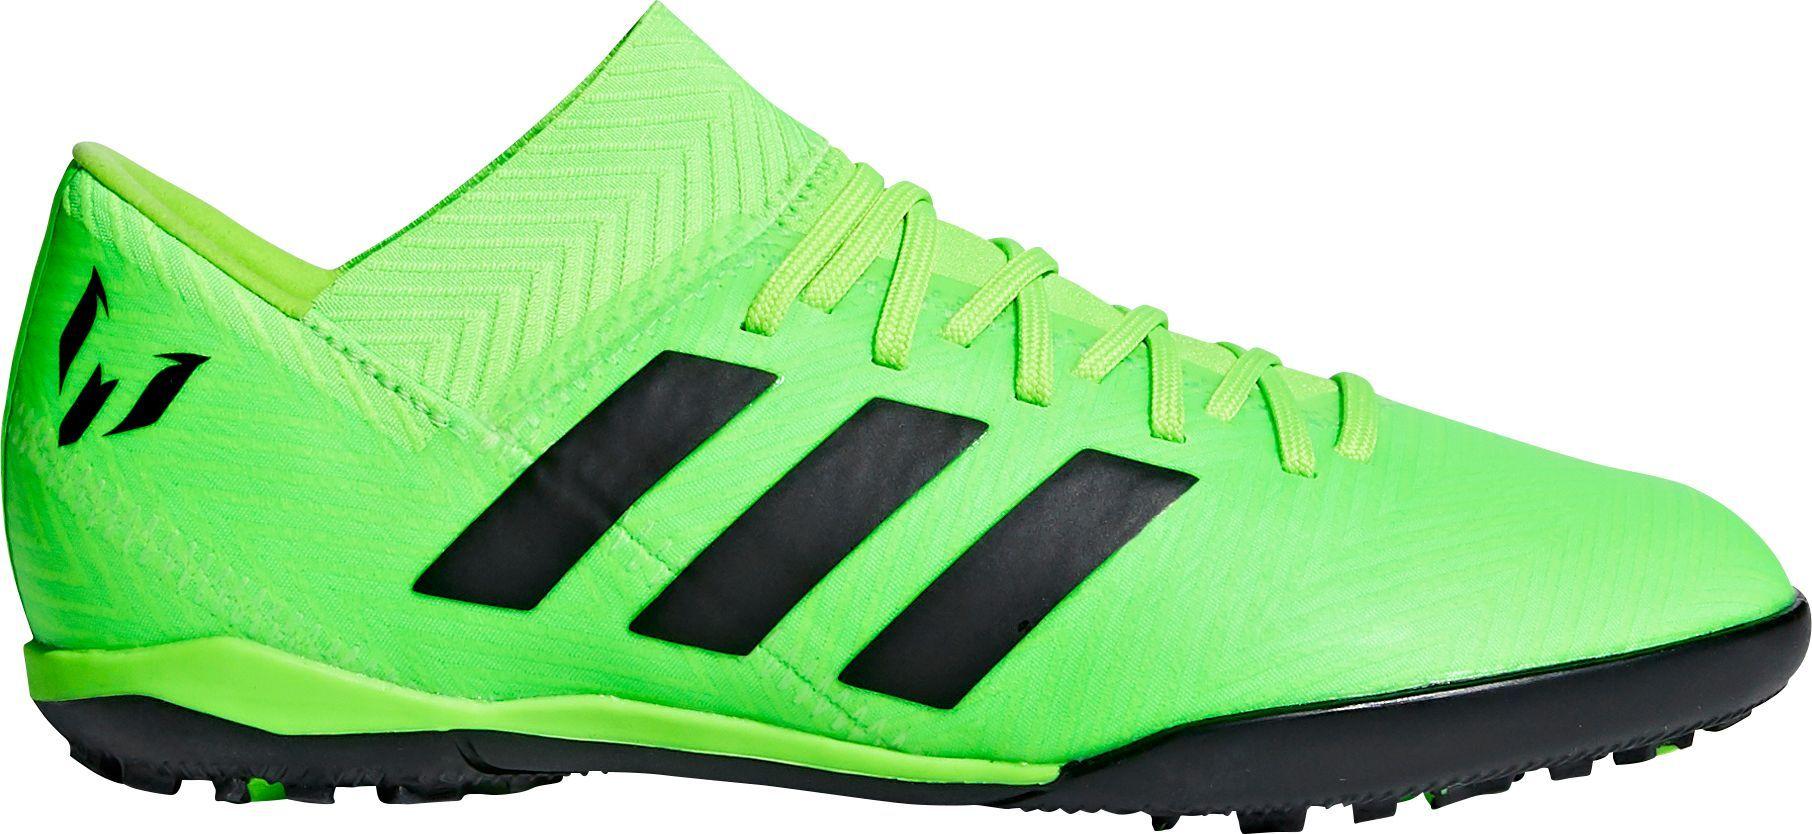 d7b1899a390 adidas Kids  Nemeziz Messi Tango 18.3 TF Soccer Cleats